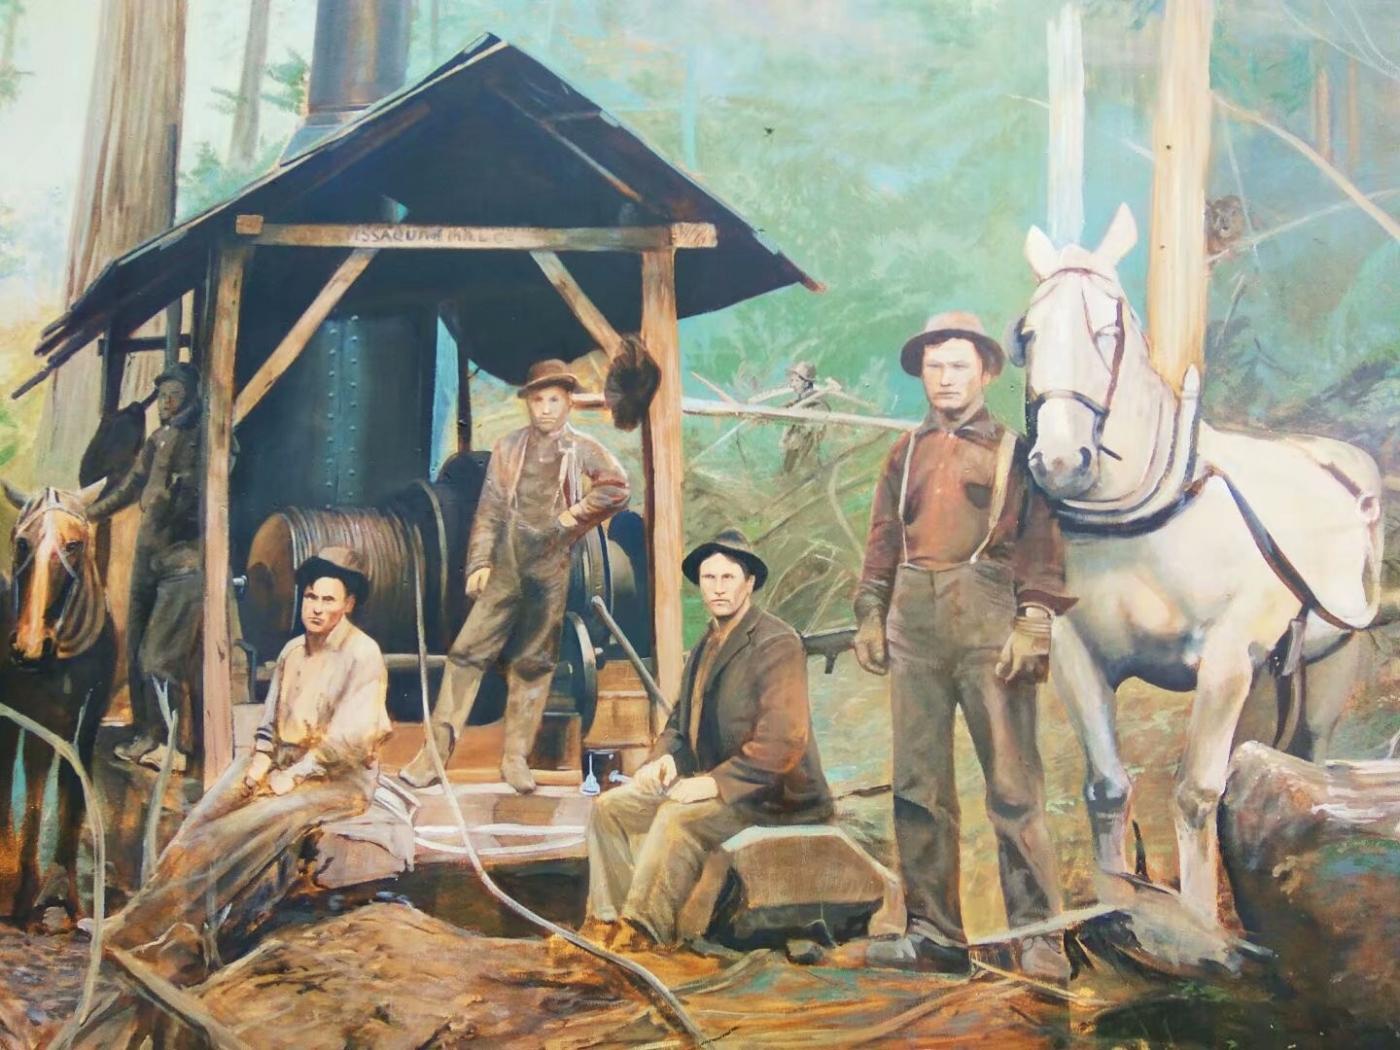 美国小镇街边壁画(图)_图1-5